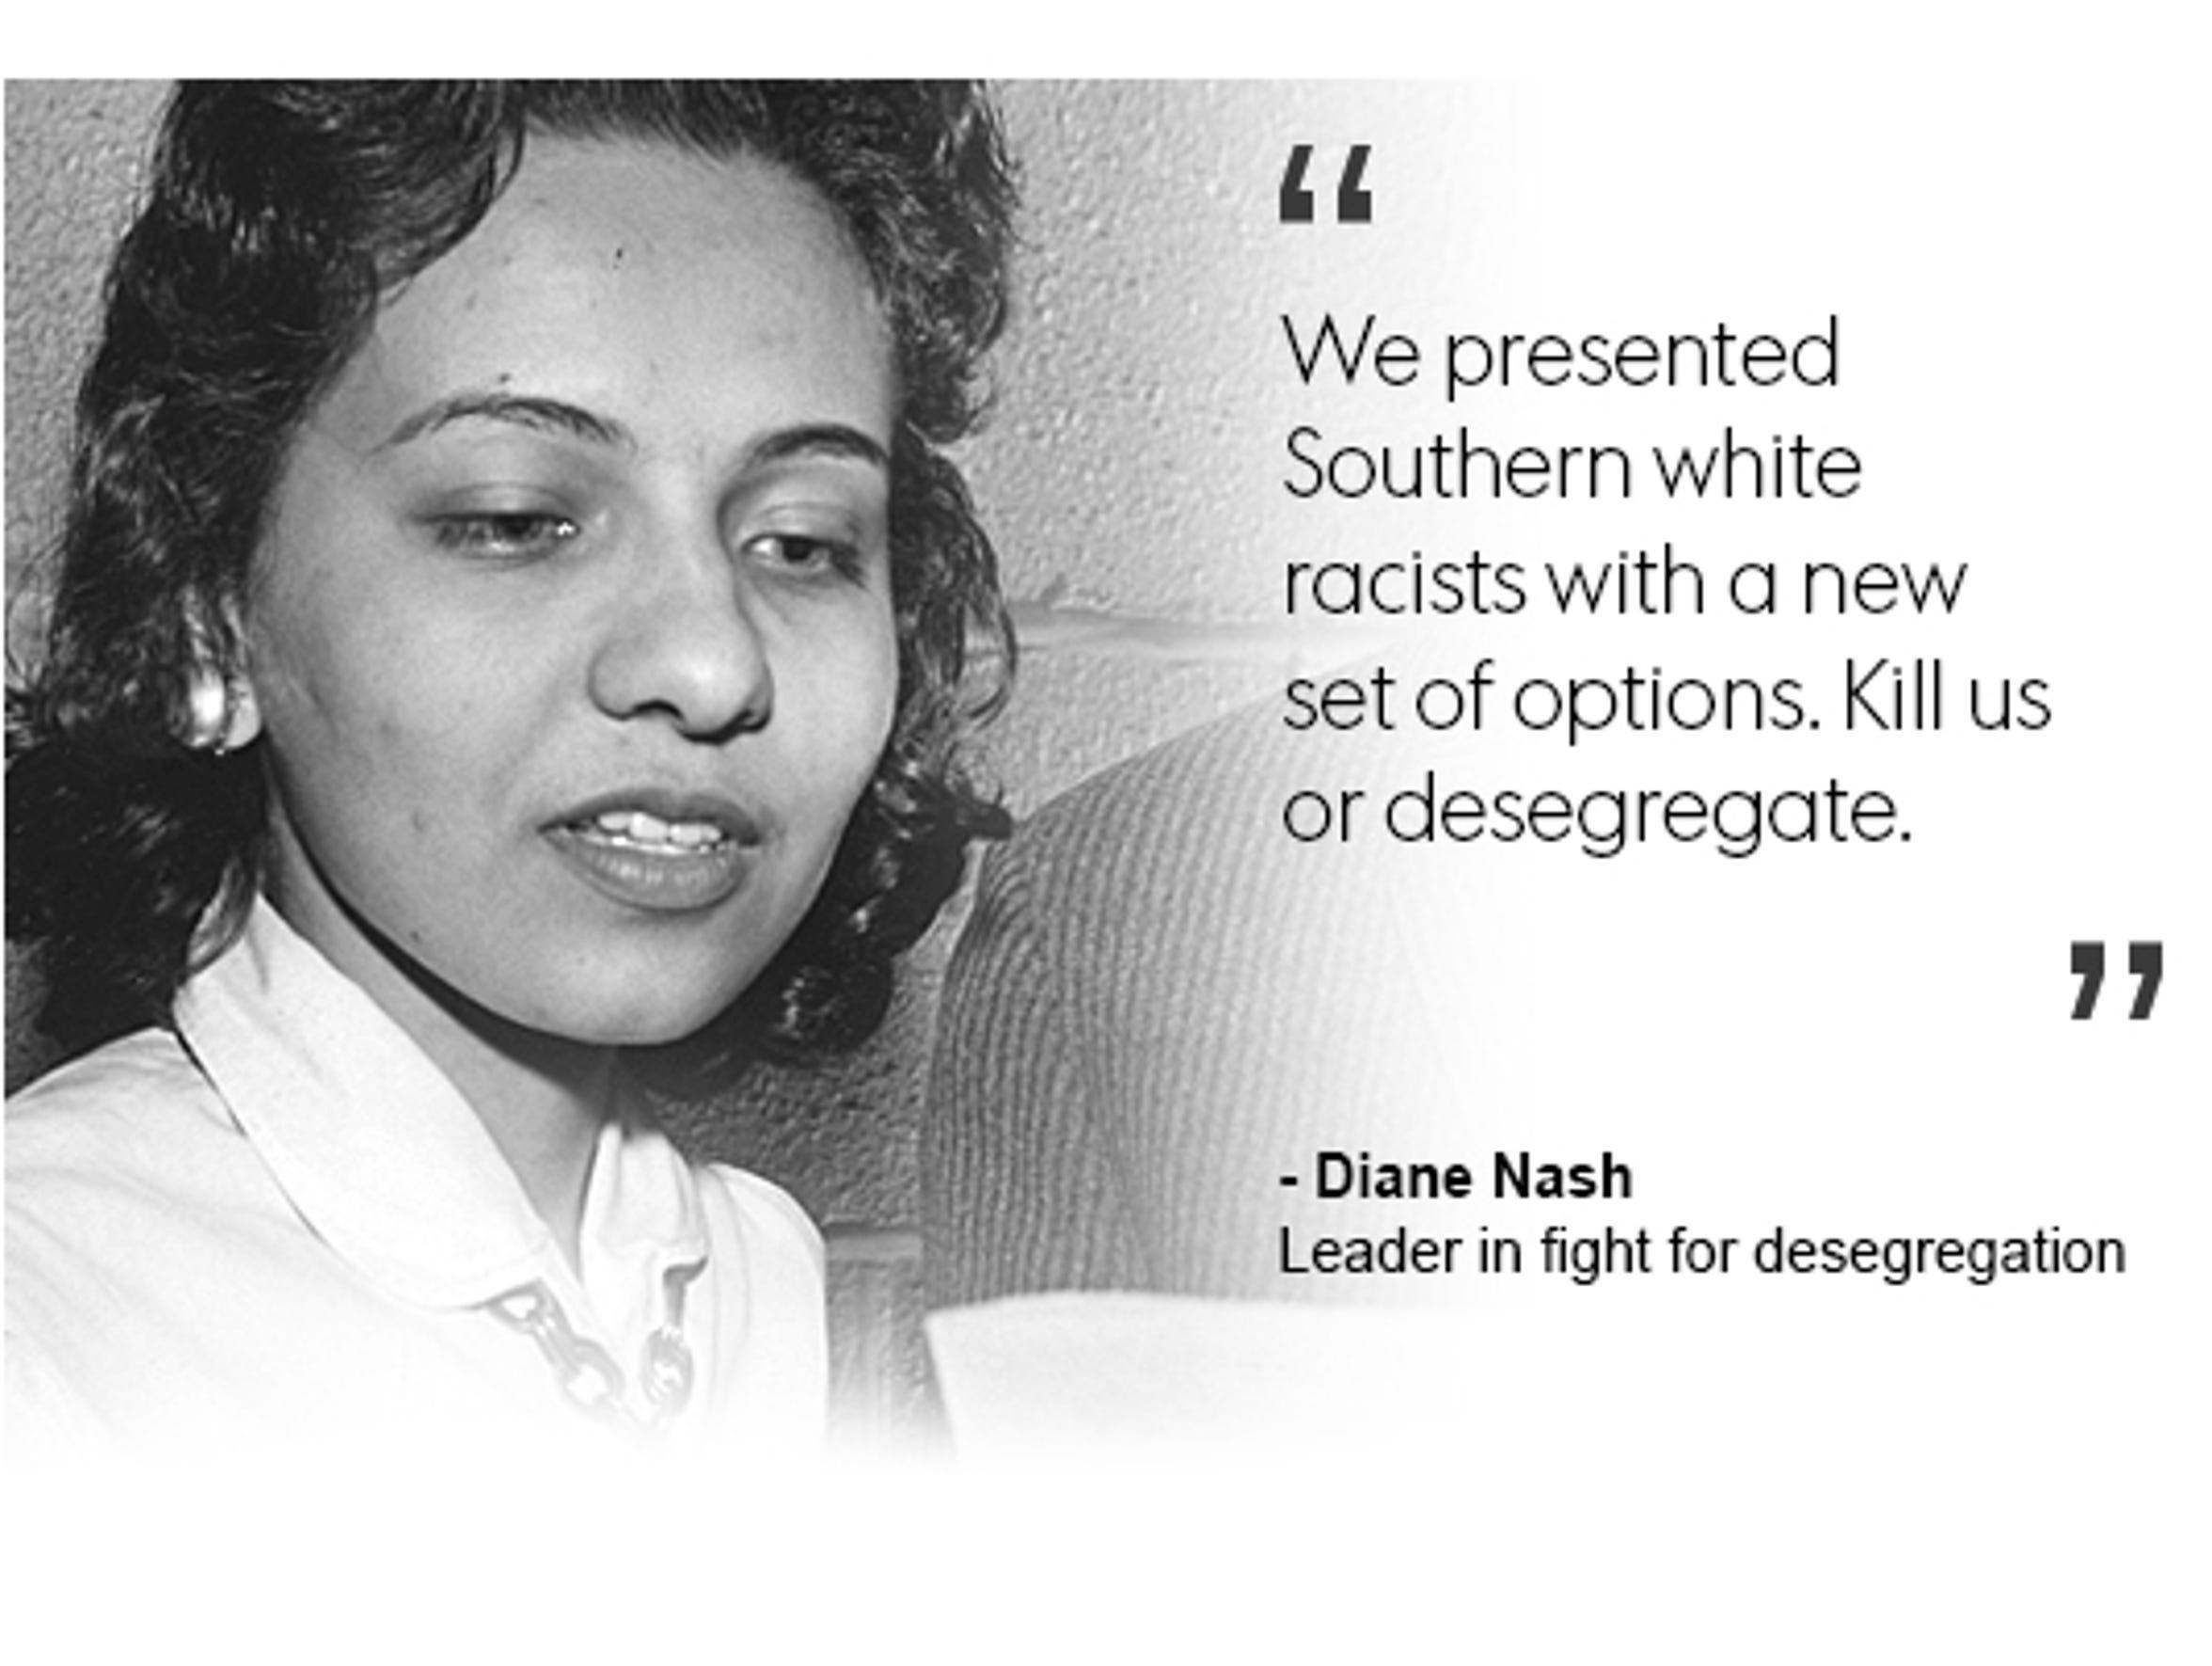 Diane Nash, leader in the fight for desegregation